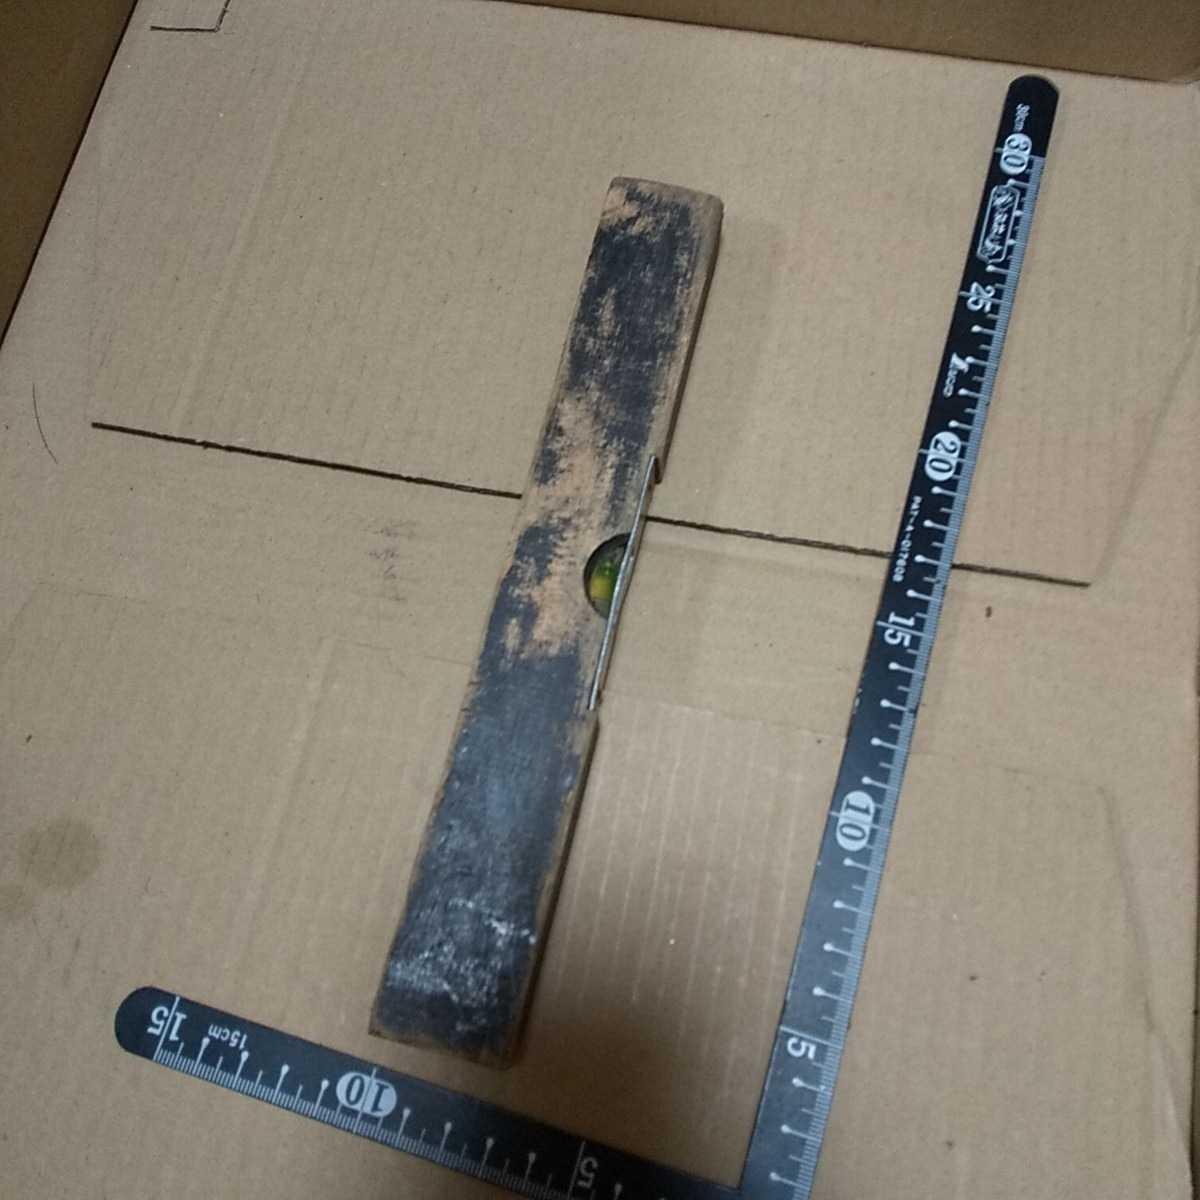 大工道具 アンティーク 水平器 ジャンク 昭和 レトロ 古い コレクション 古道具 送料無料_画像1